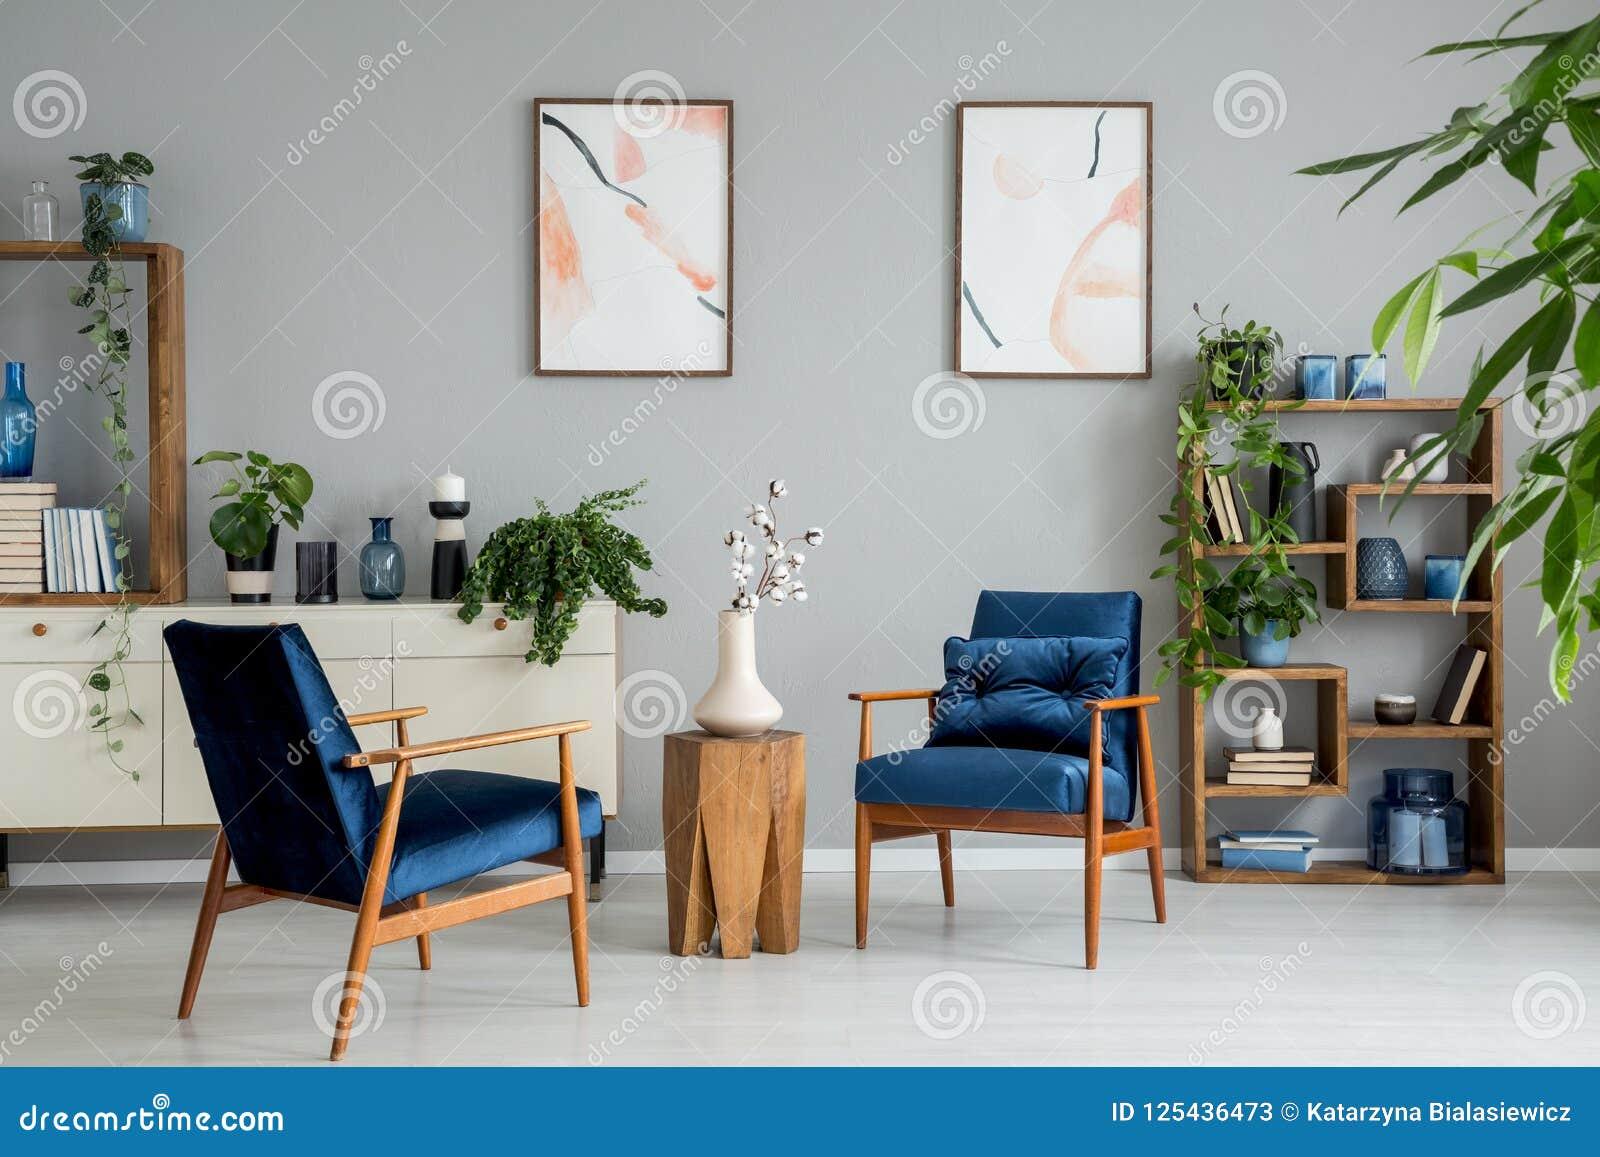 Affiches en installaties in helder woonkamerbinnenland met marineblauwe leunstoelen en bloemen Echte foto